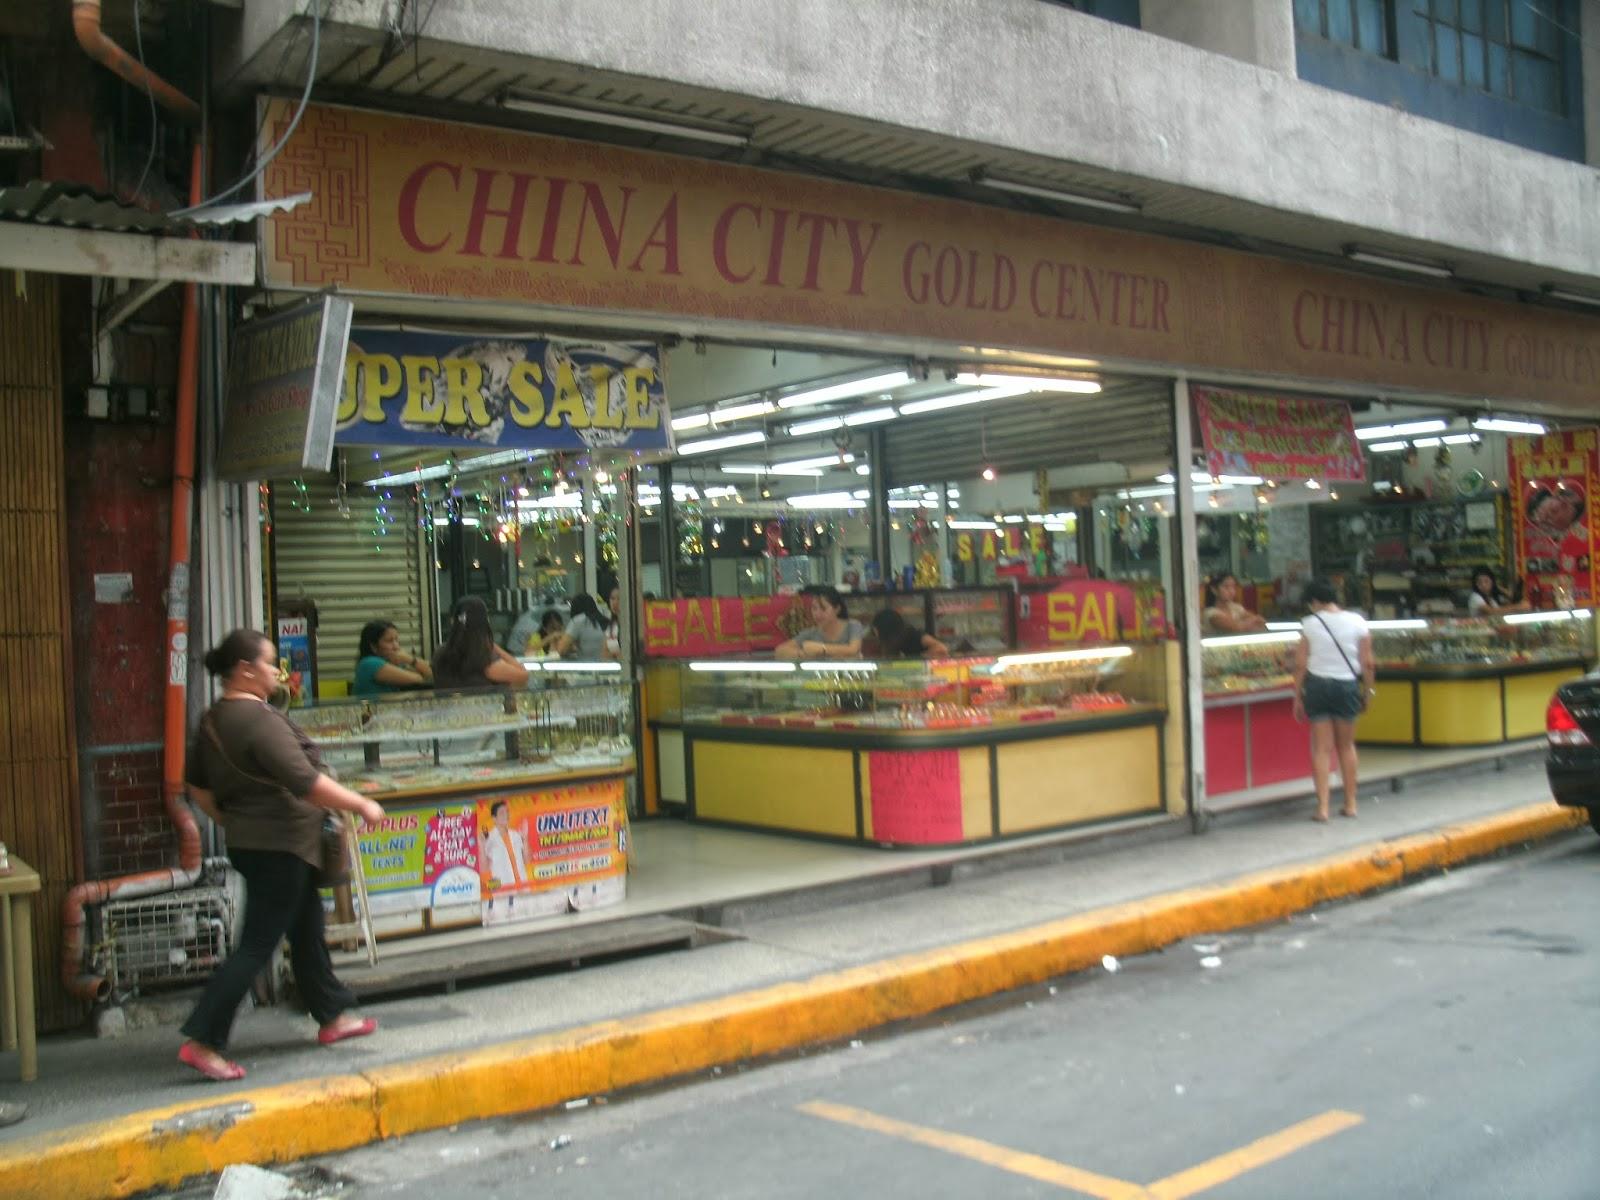 Ongpin Gold Center